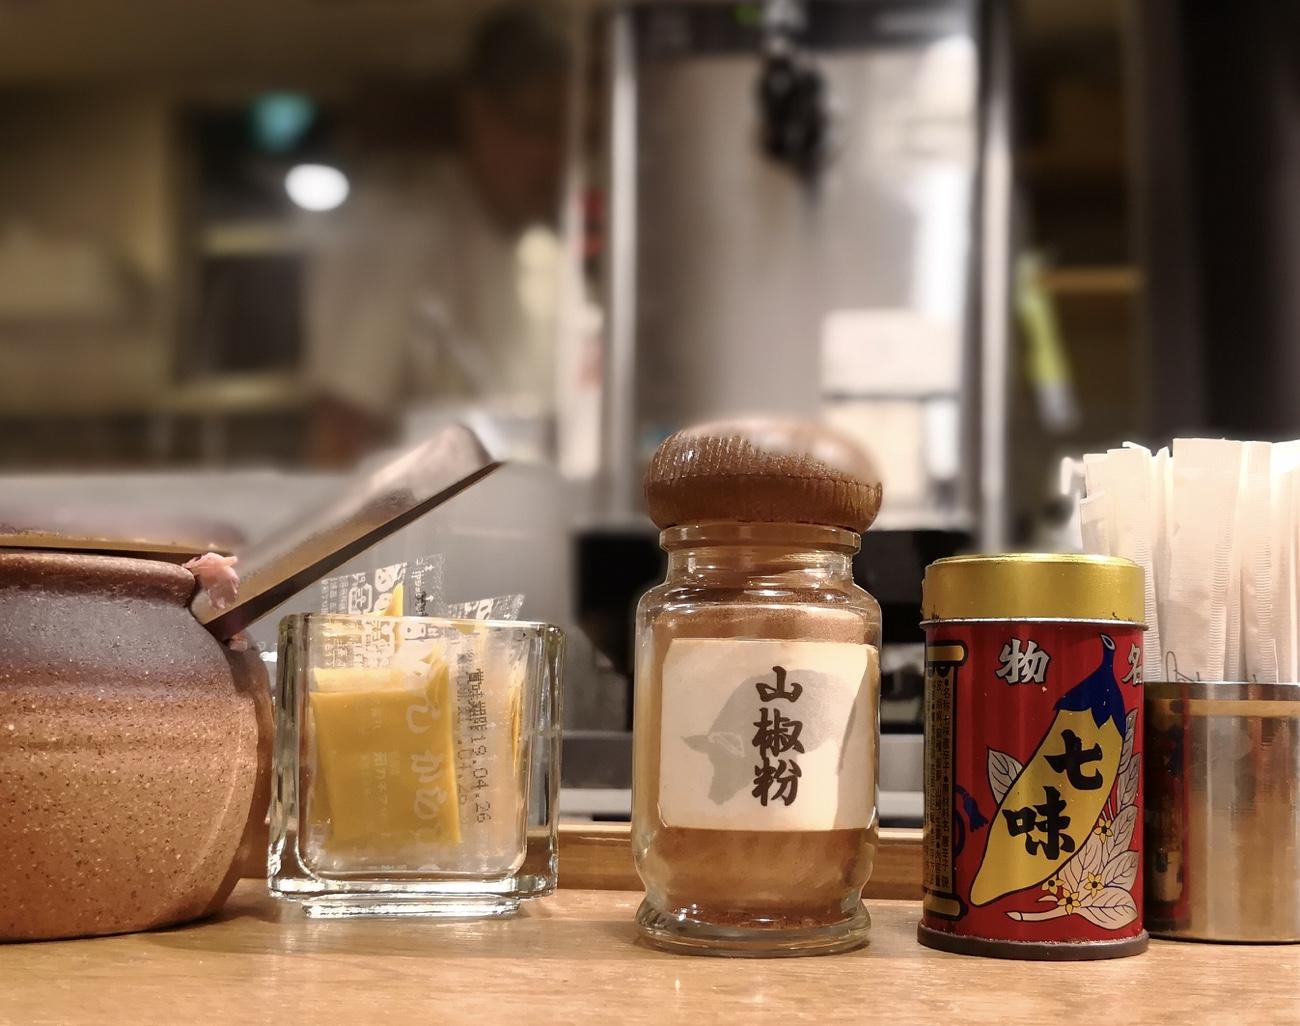 調味料 新潟カツ丼タレカツ渋谷店